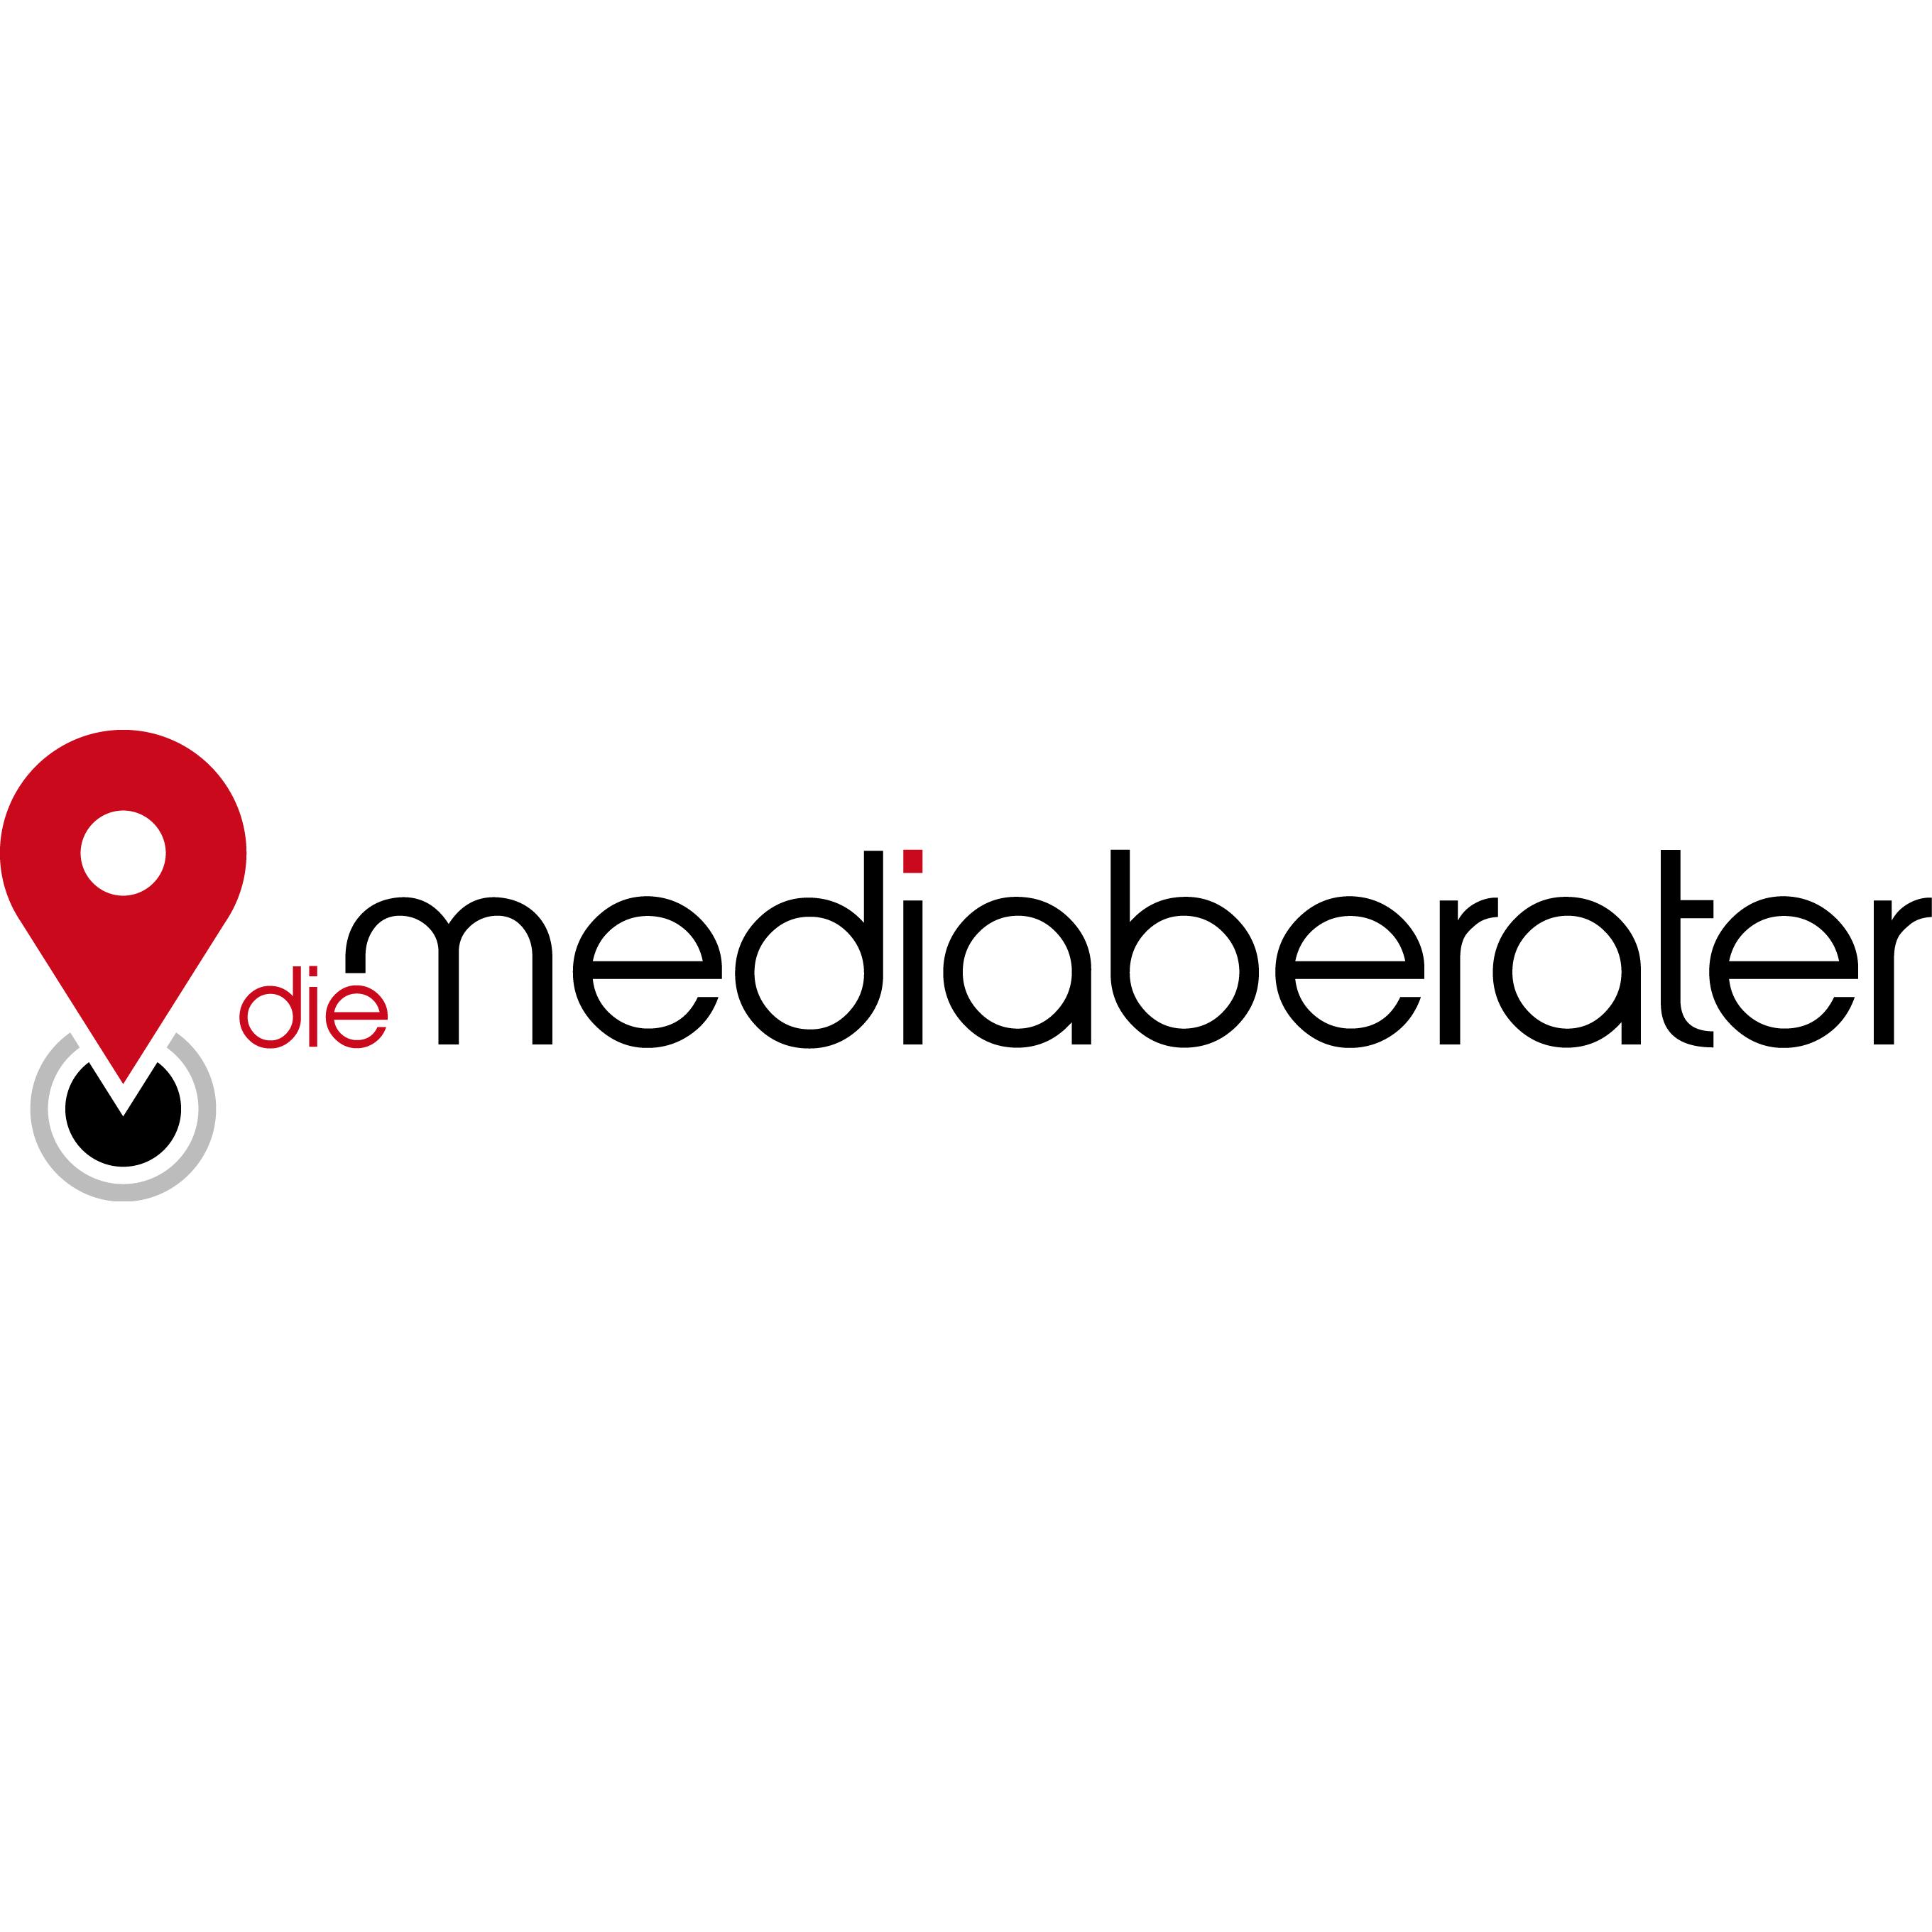 die mediaberater - werbeagentur nürnberg in Nürnberg